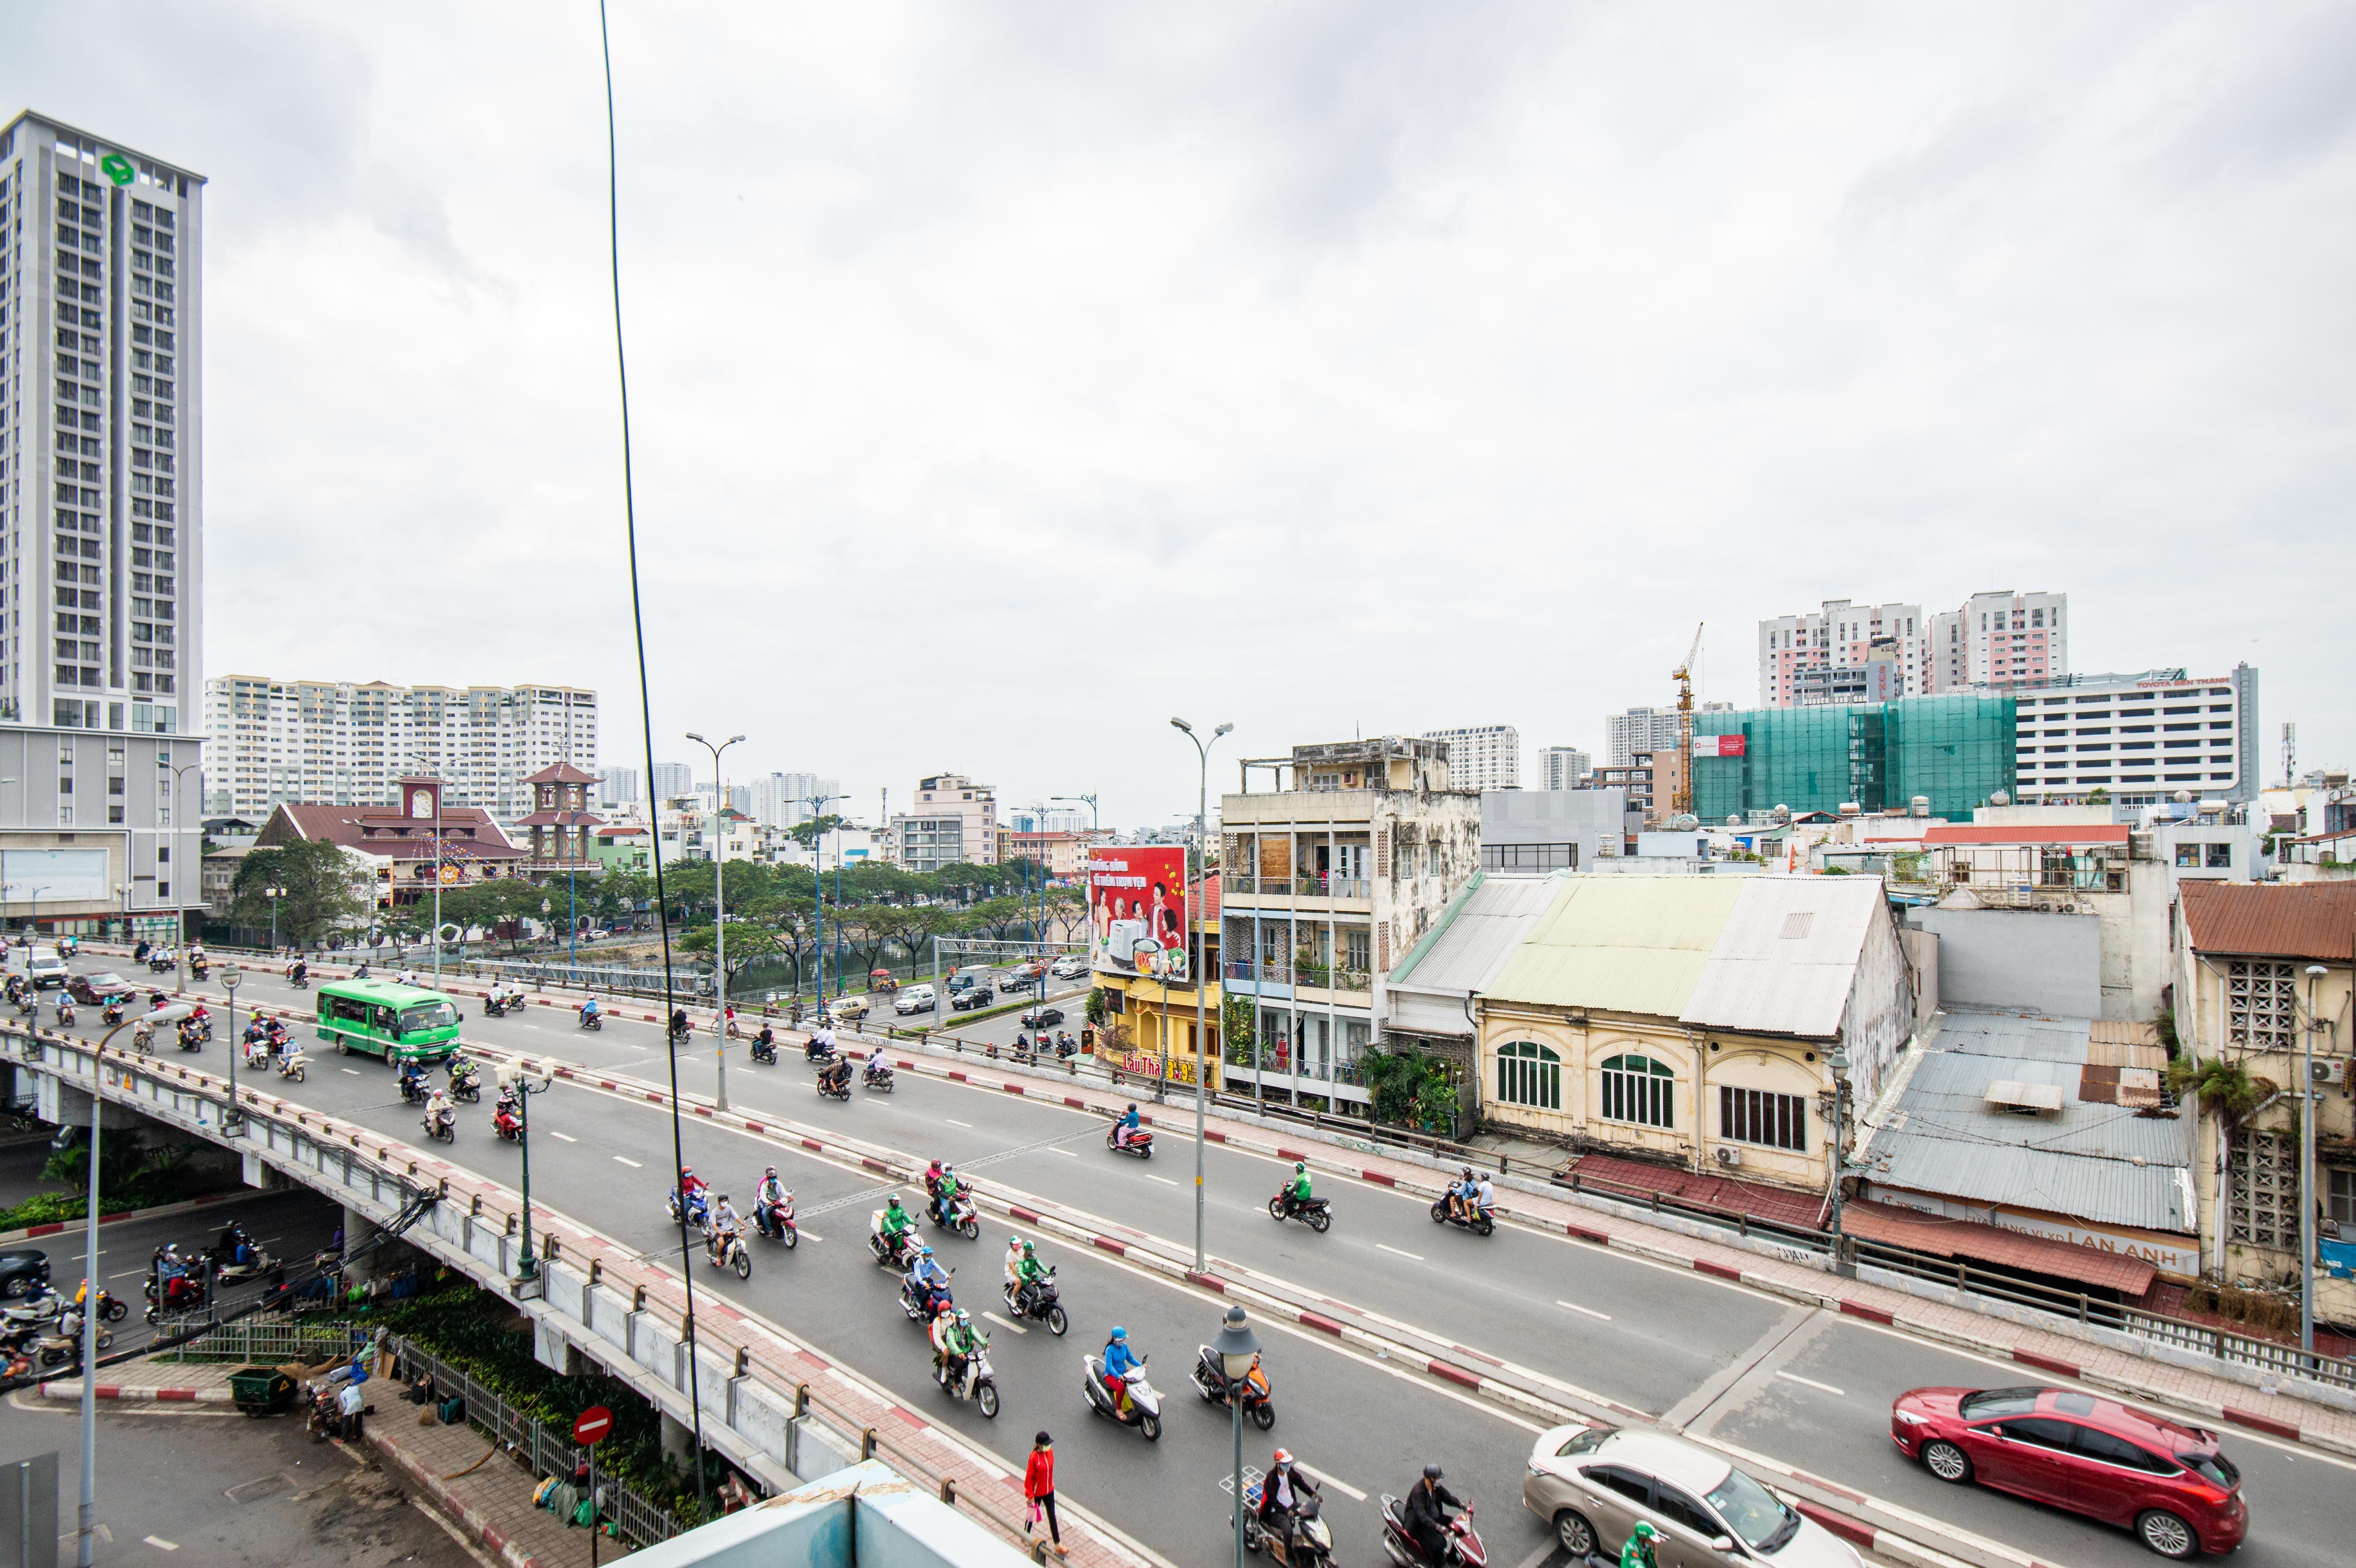 Cho Thuê Căn Hộ Dịch Vụ Nguyễn Thái Học 1 PN - Có Bồn Tắm -11